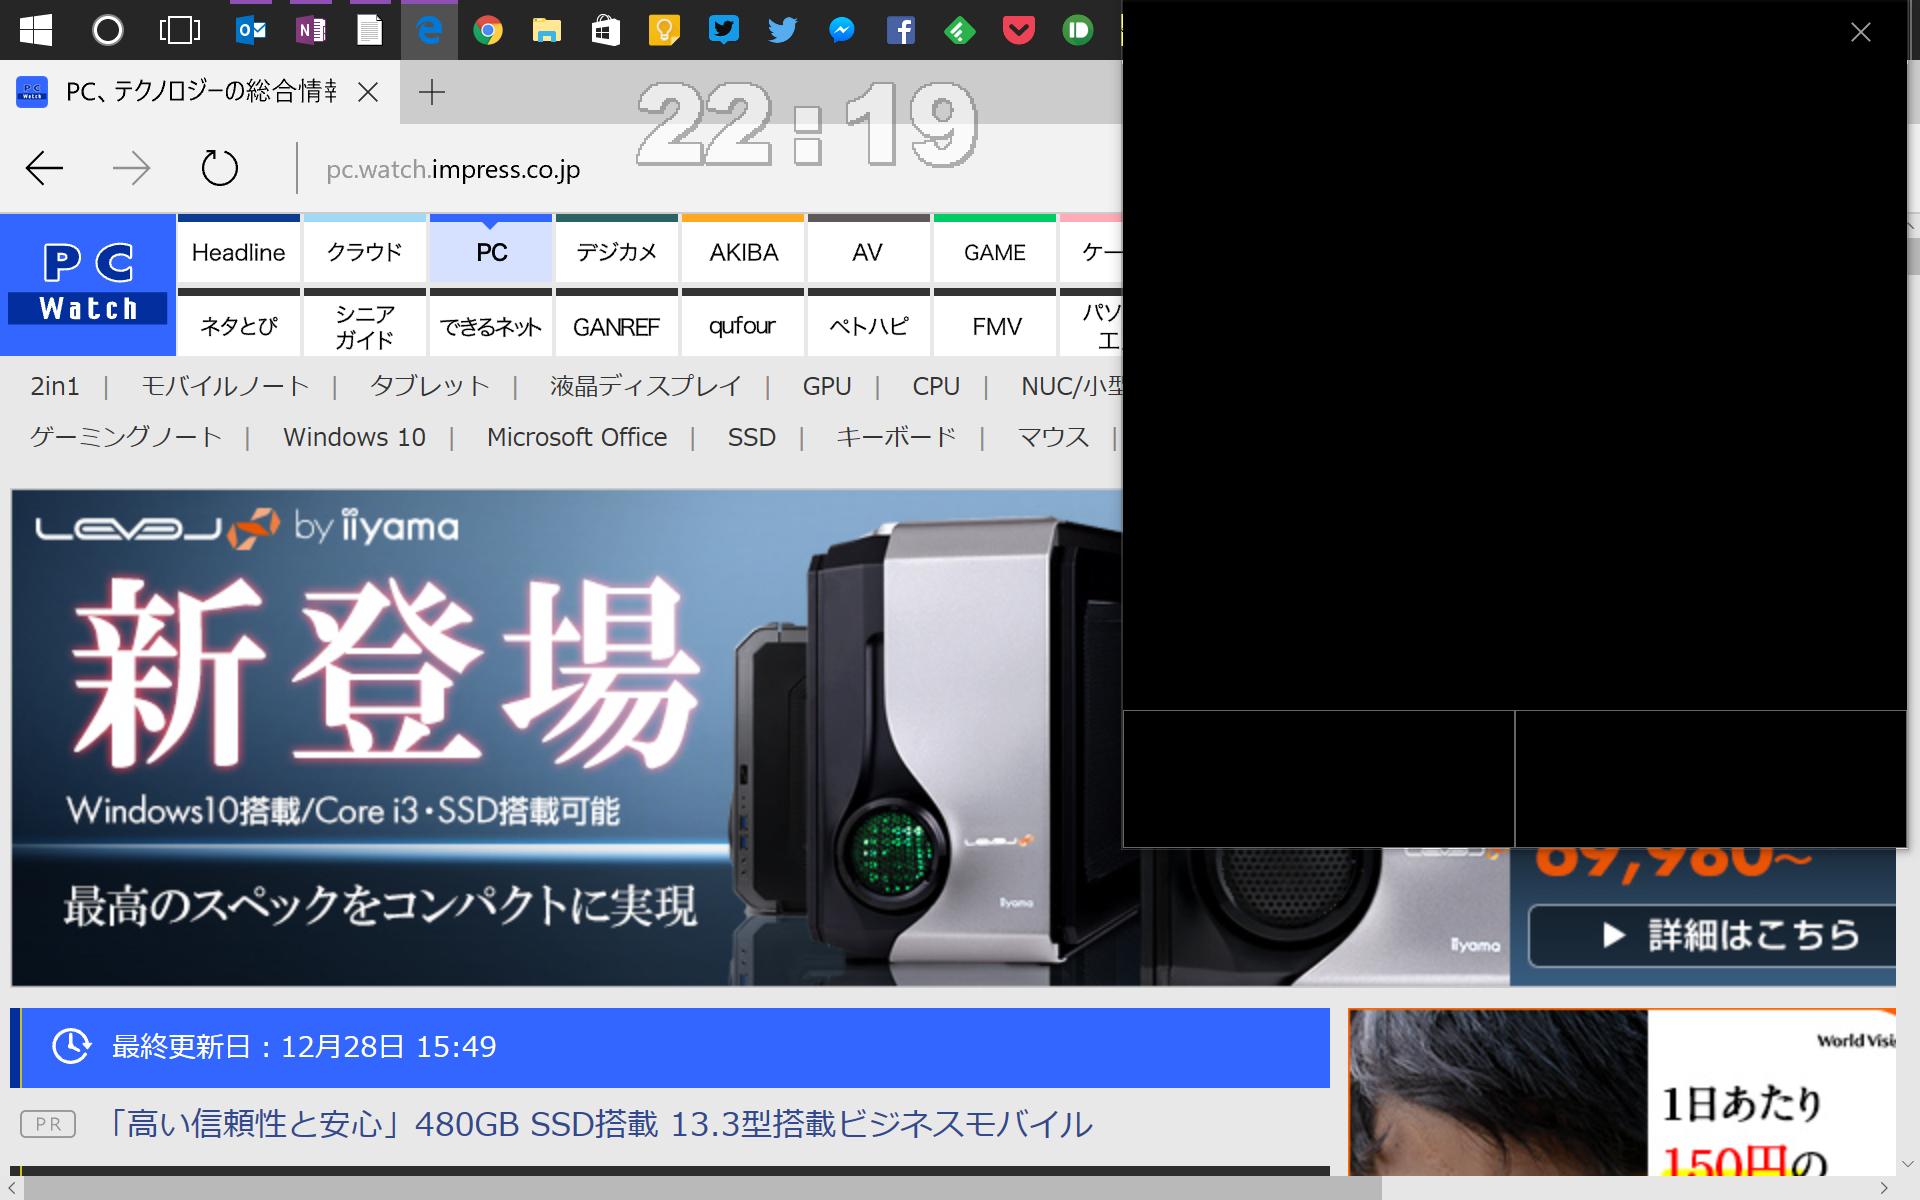 バーチャルタッチパッドでタブレット単体で外部ディスプレイの操作が可能に